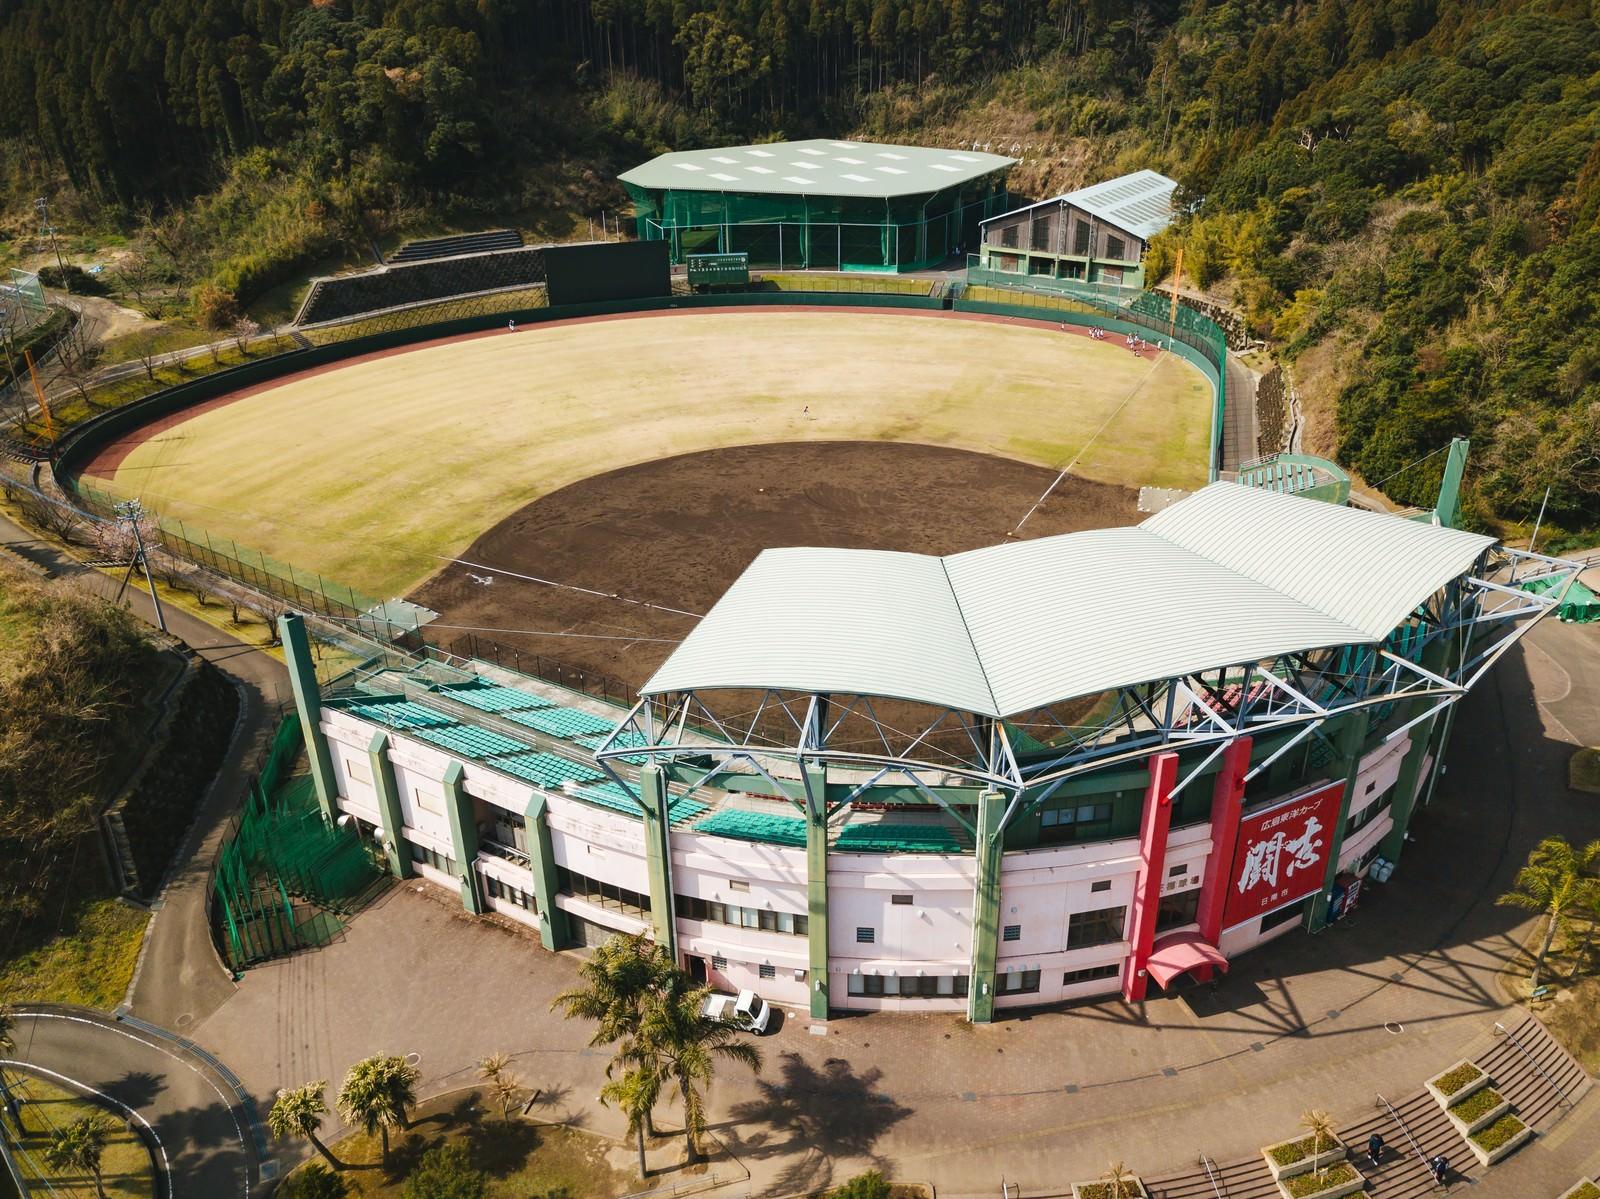 「宮崎県日南市にある天福球場を見下ろす(空撮)」の写真